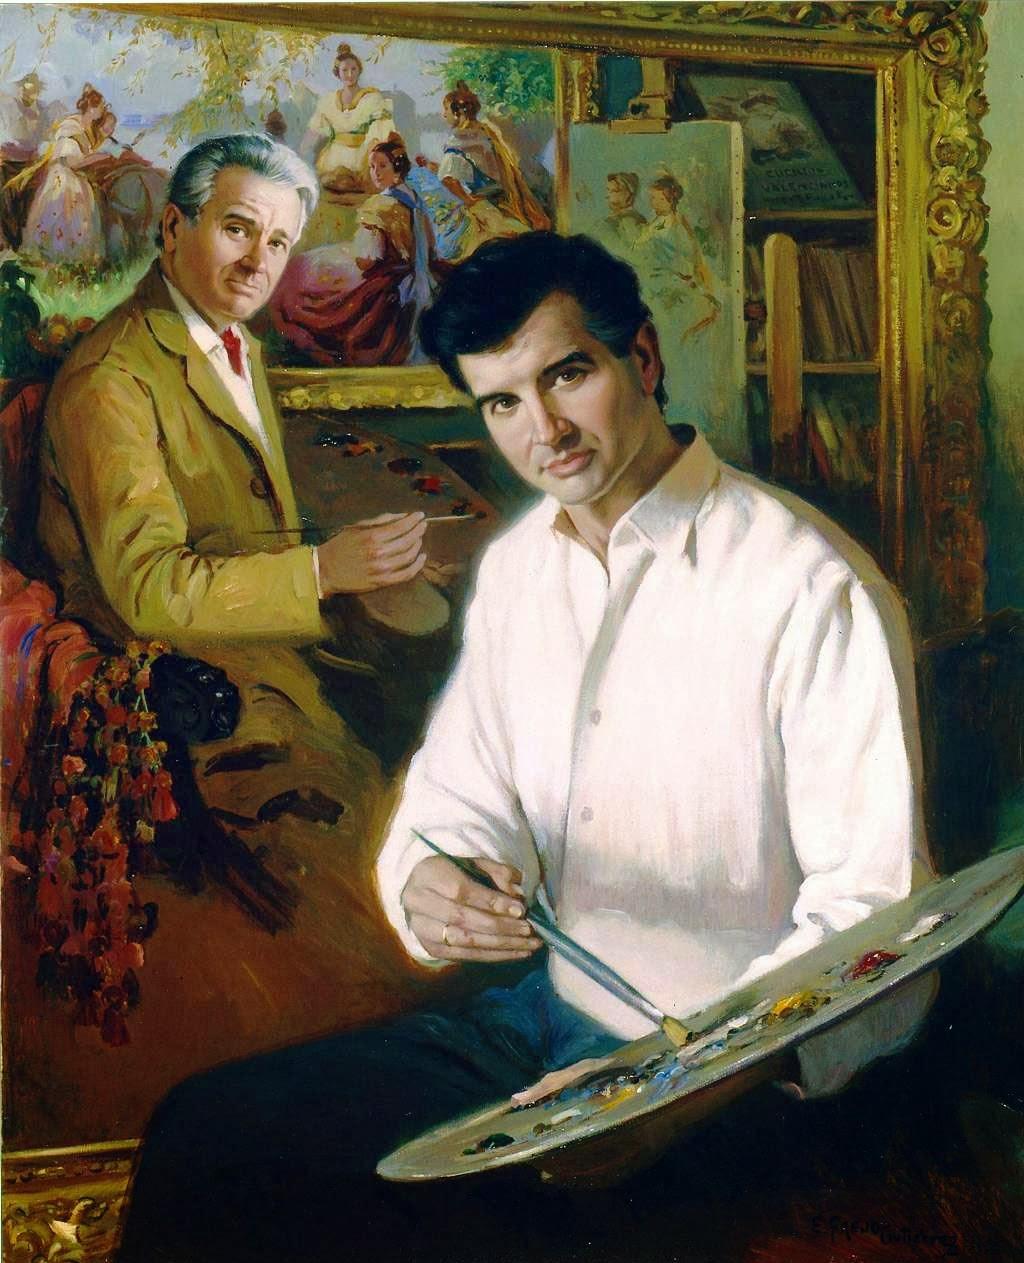 Pintores Valencianos: Emilio Frejo Gutiérrez